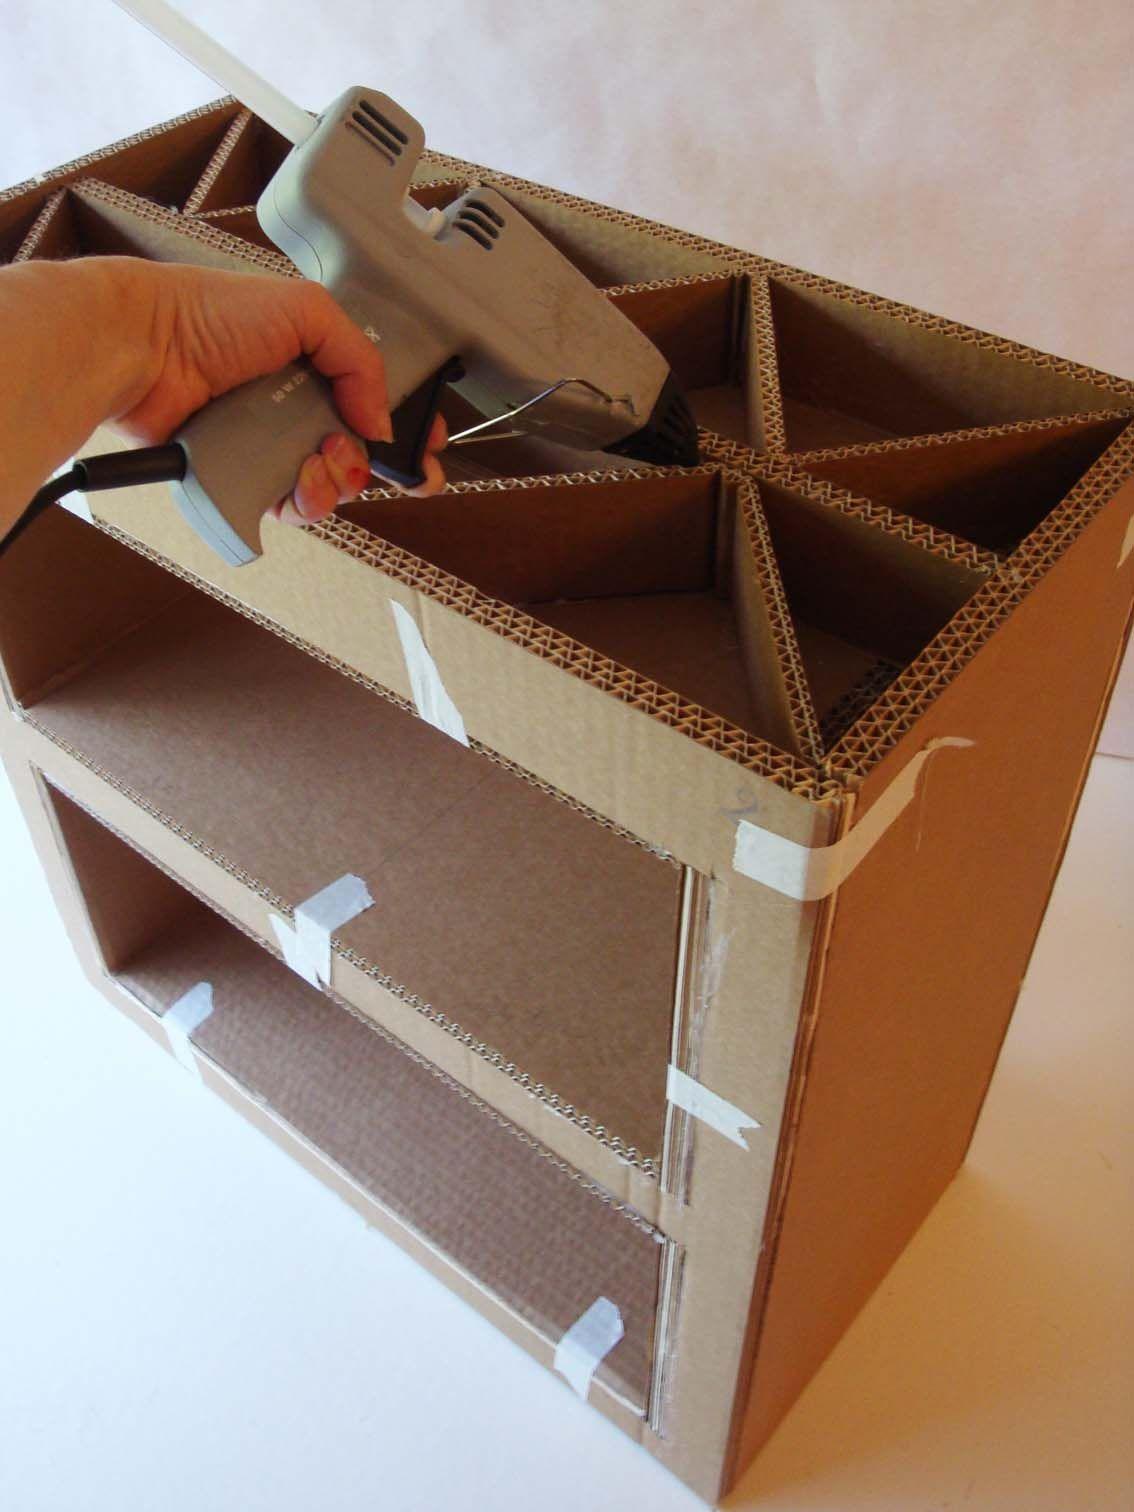 Image De Meuble En Carton etape4 | meuble en carton tuto, artisanat en carton